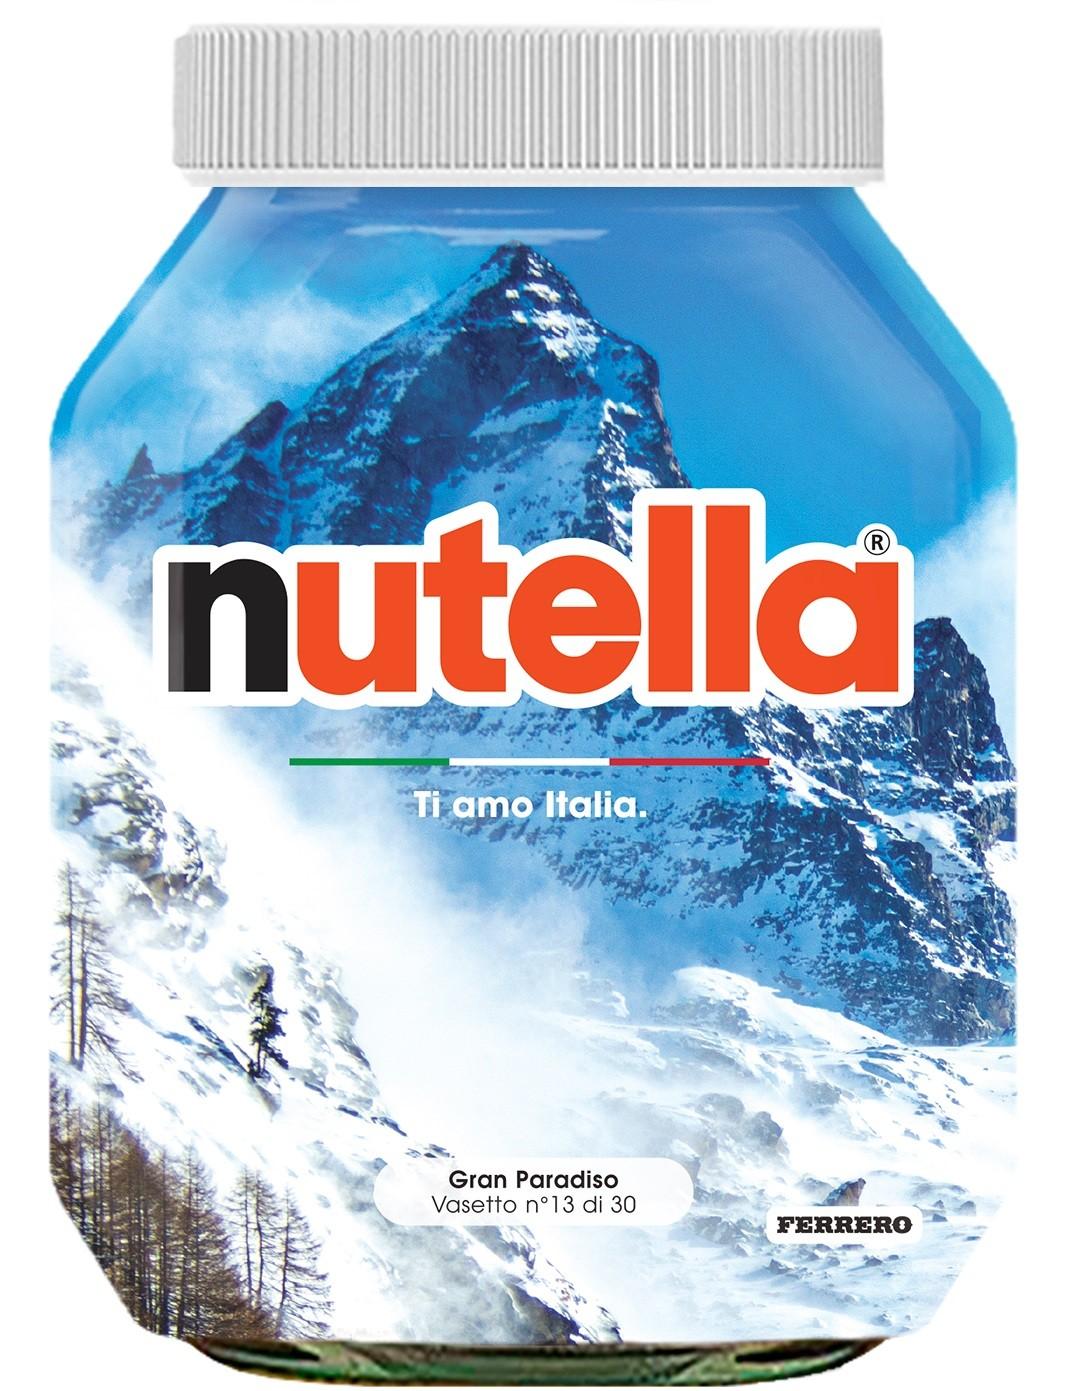 Nutella 13 Valle d'Aosta Gran Paradiso